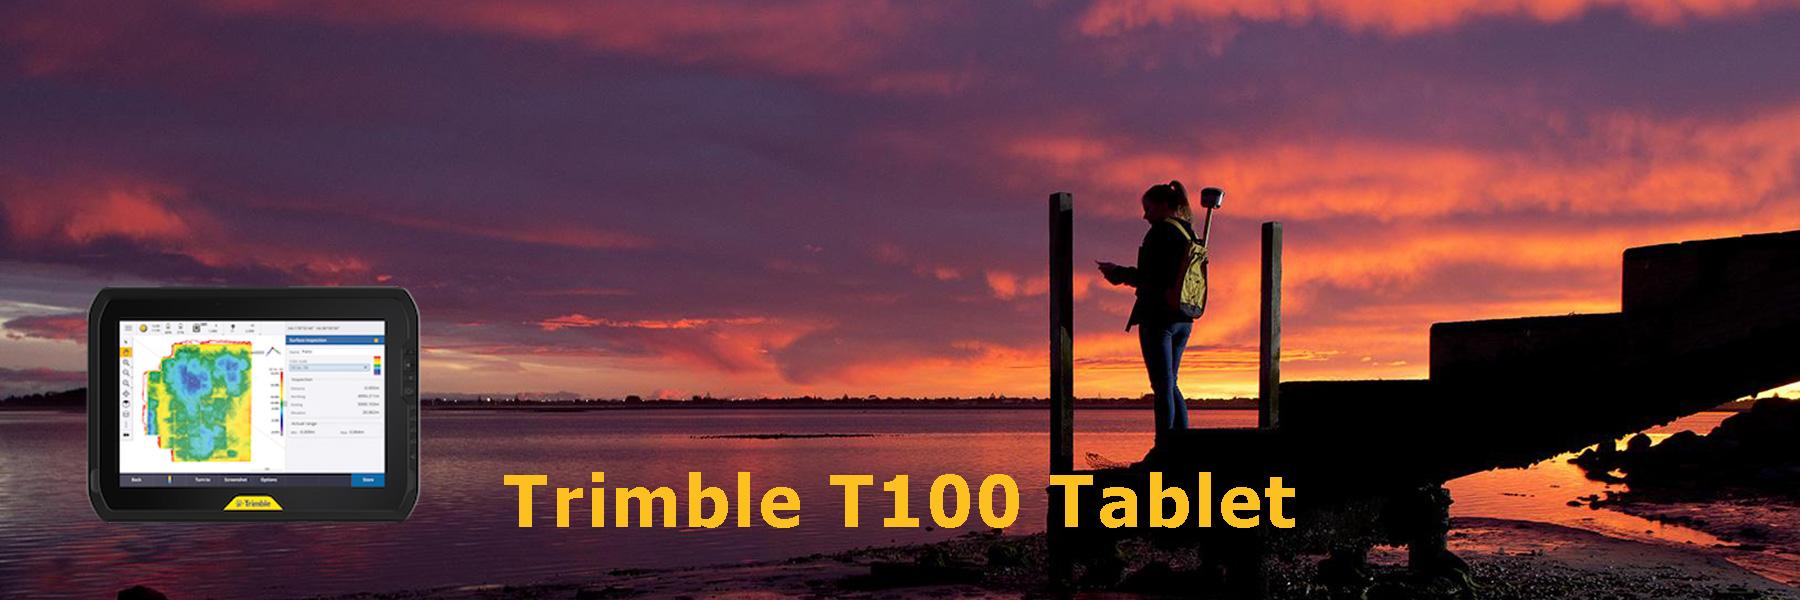 Trimble T100 Tablet